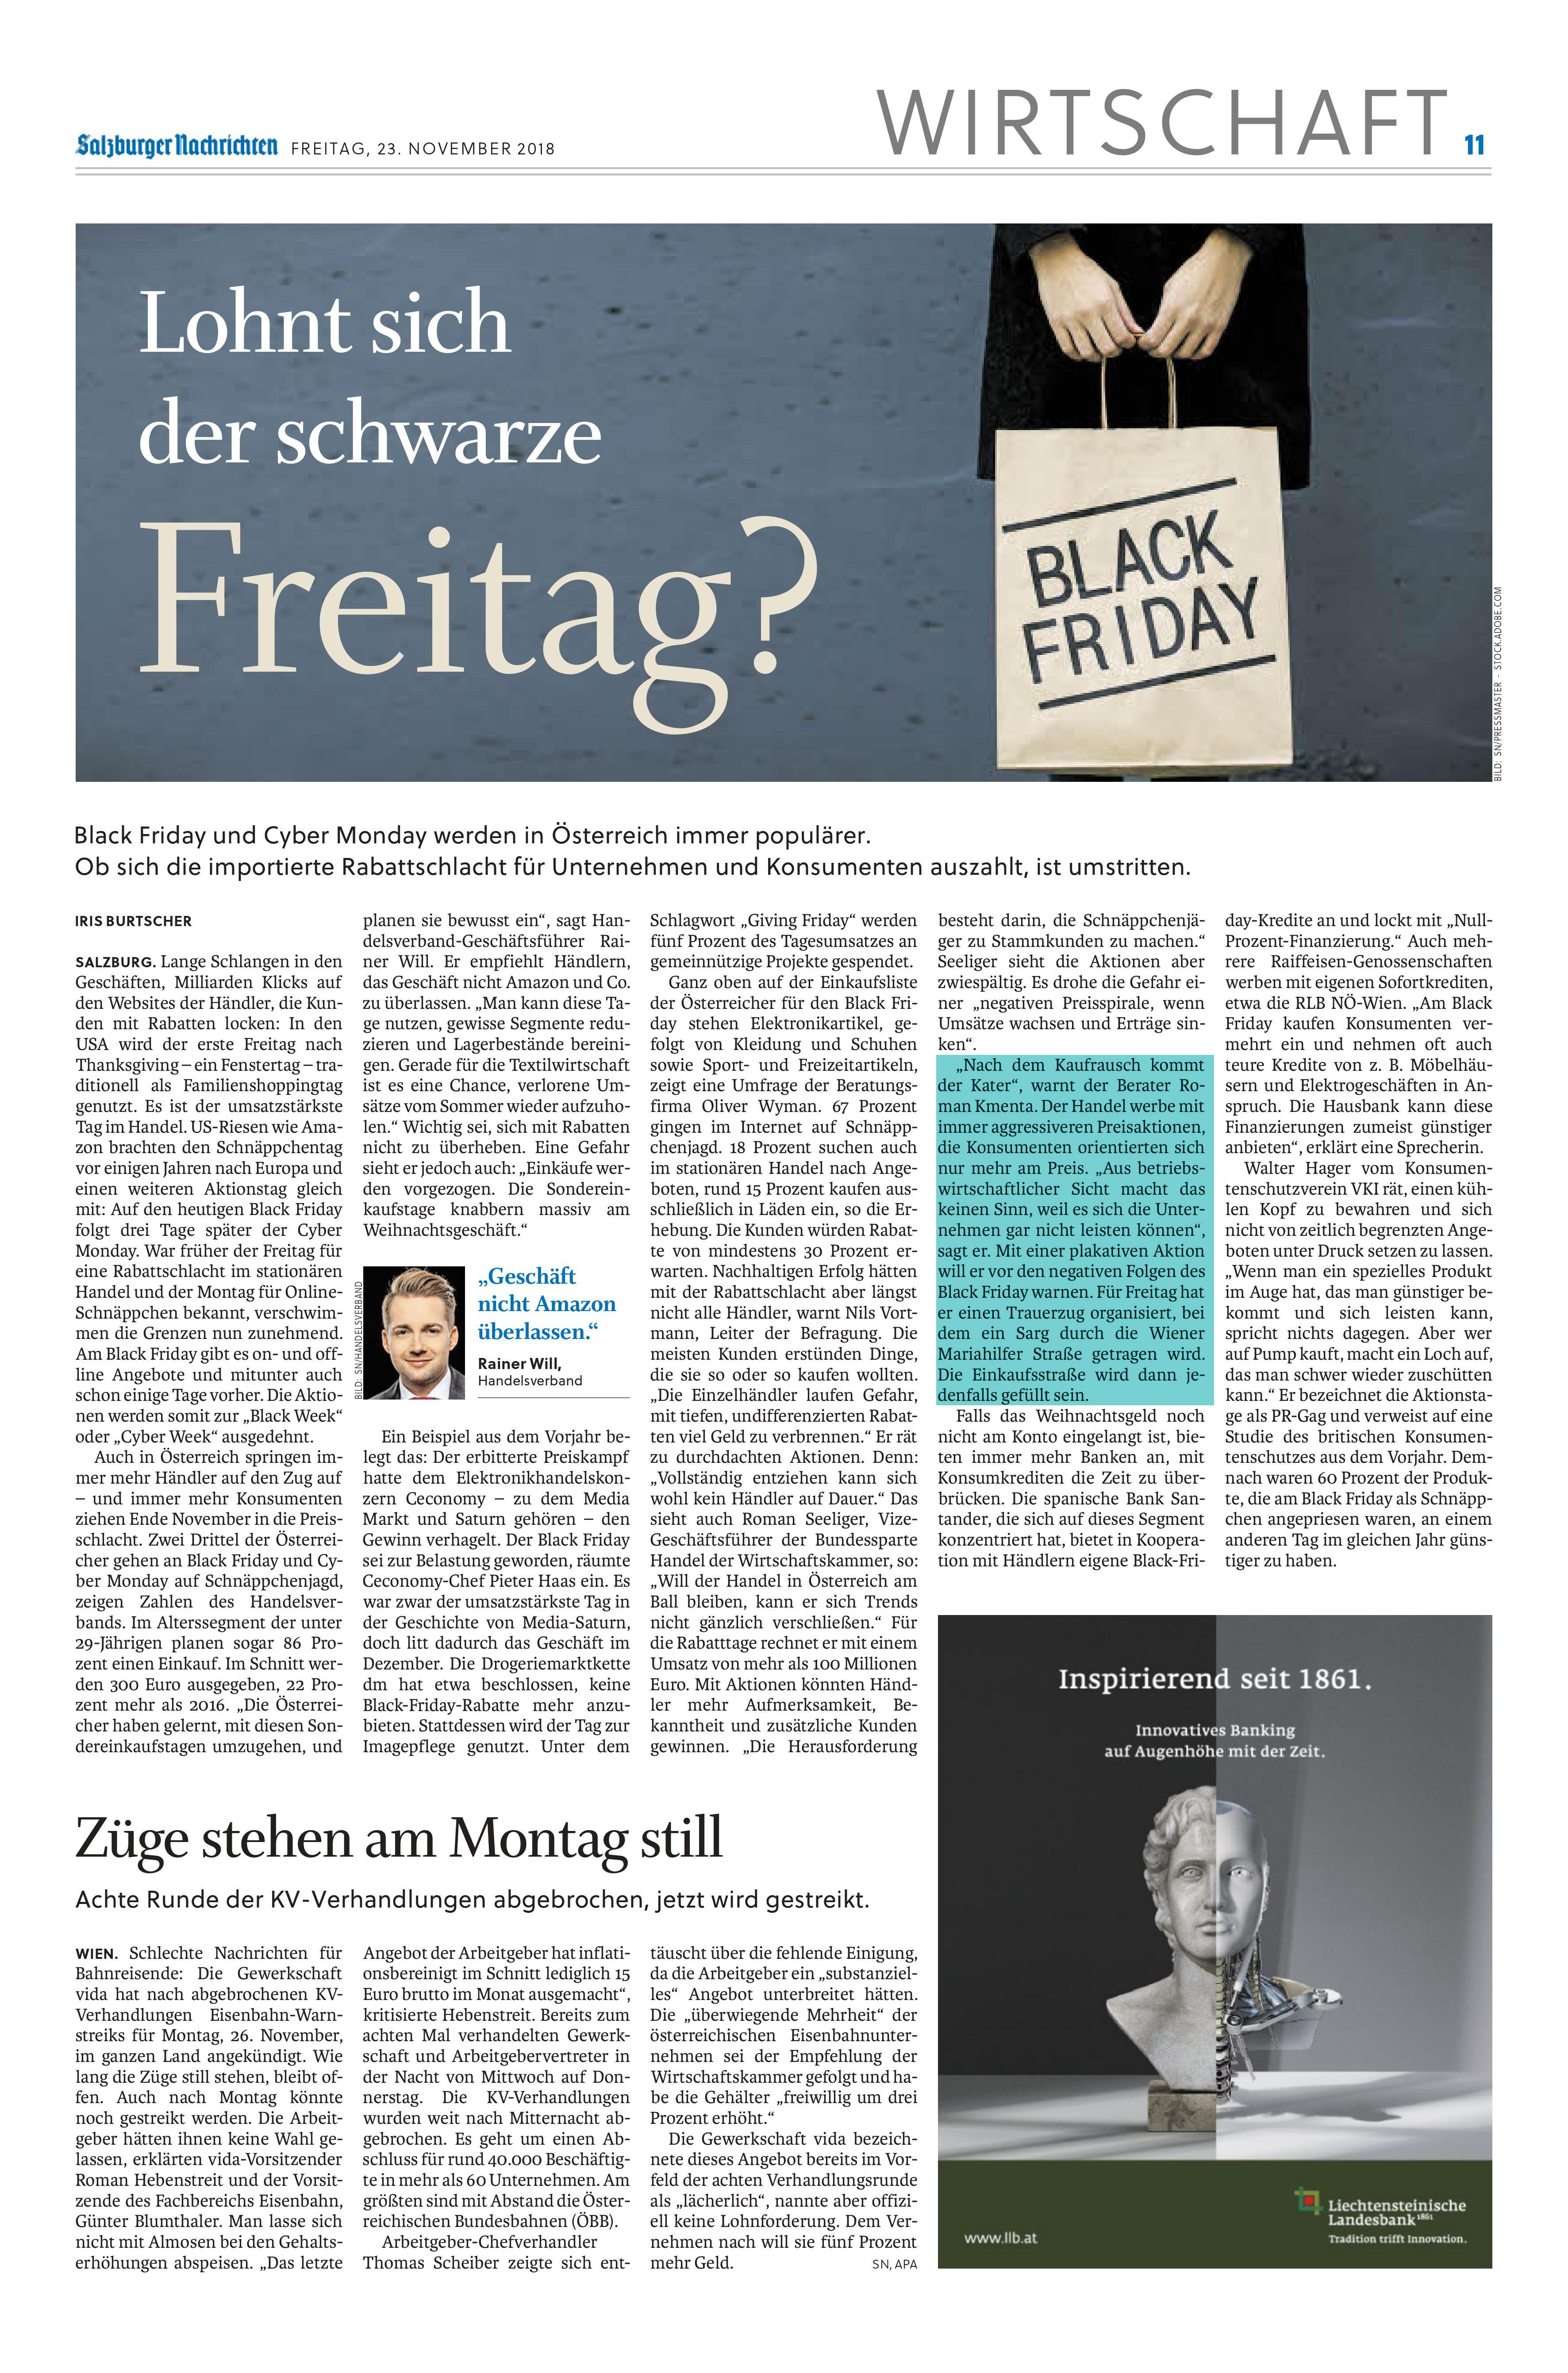 Trauerzug zum Black Friday anlässlich der Rabattschlachten - Preisexperte Mag. Roman Kmenta - Salzburger Nachrichten 23.11.2018